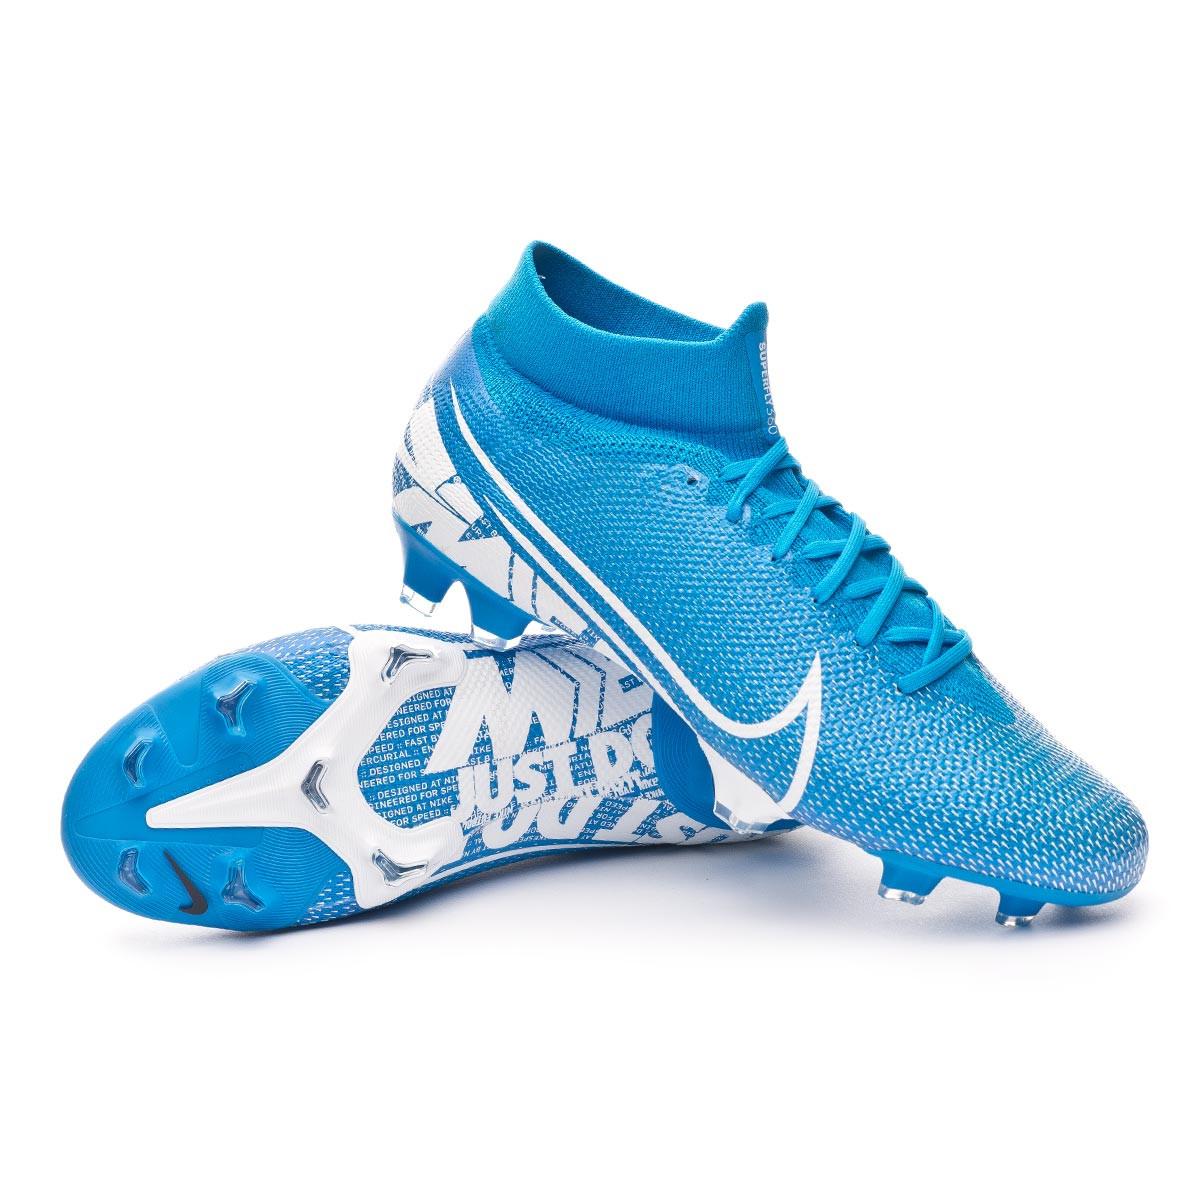 Chuteira Nike Mercurial profissional